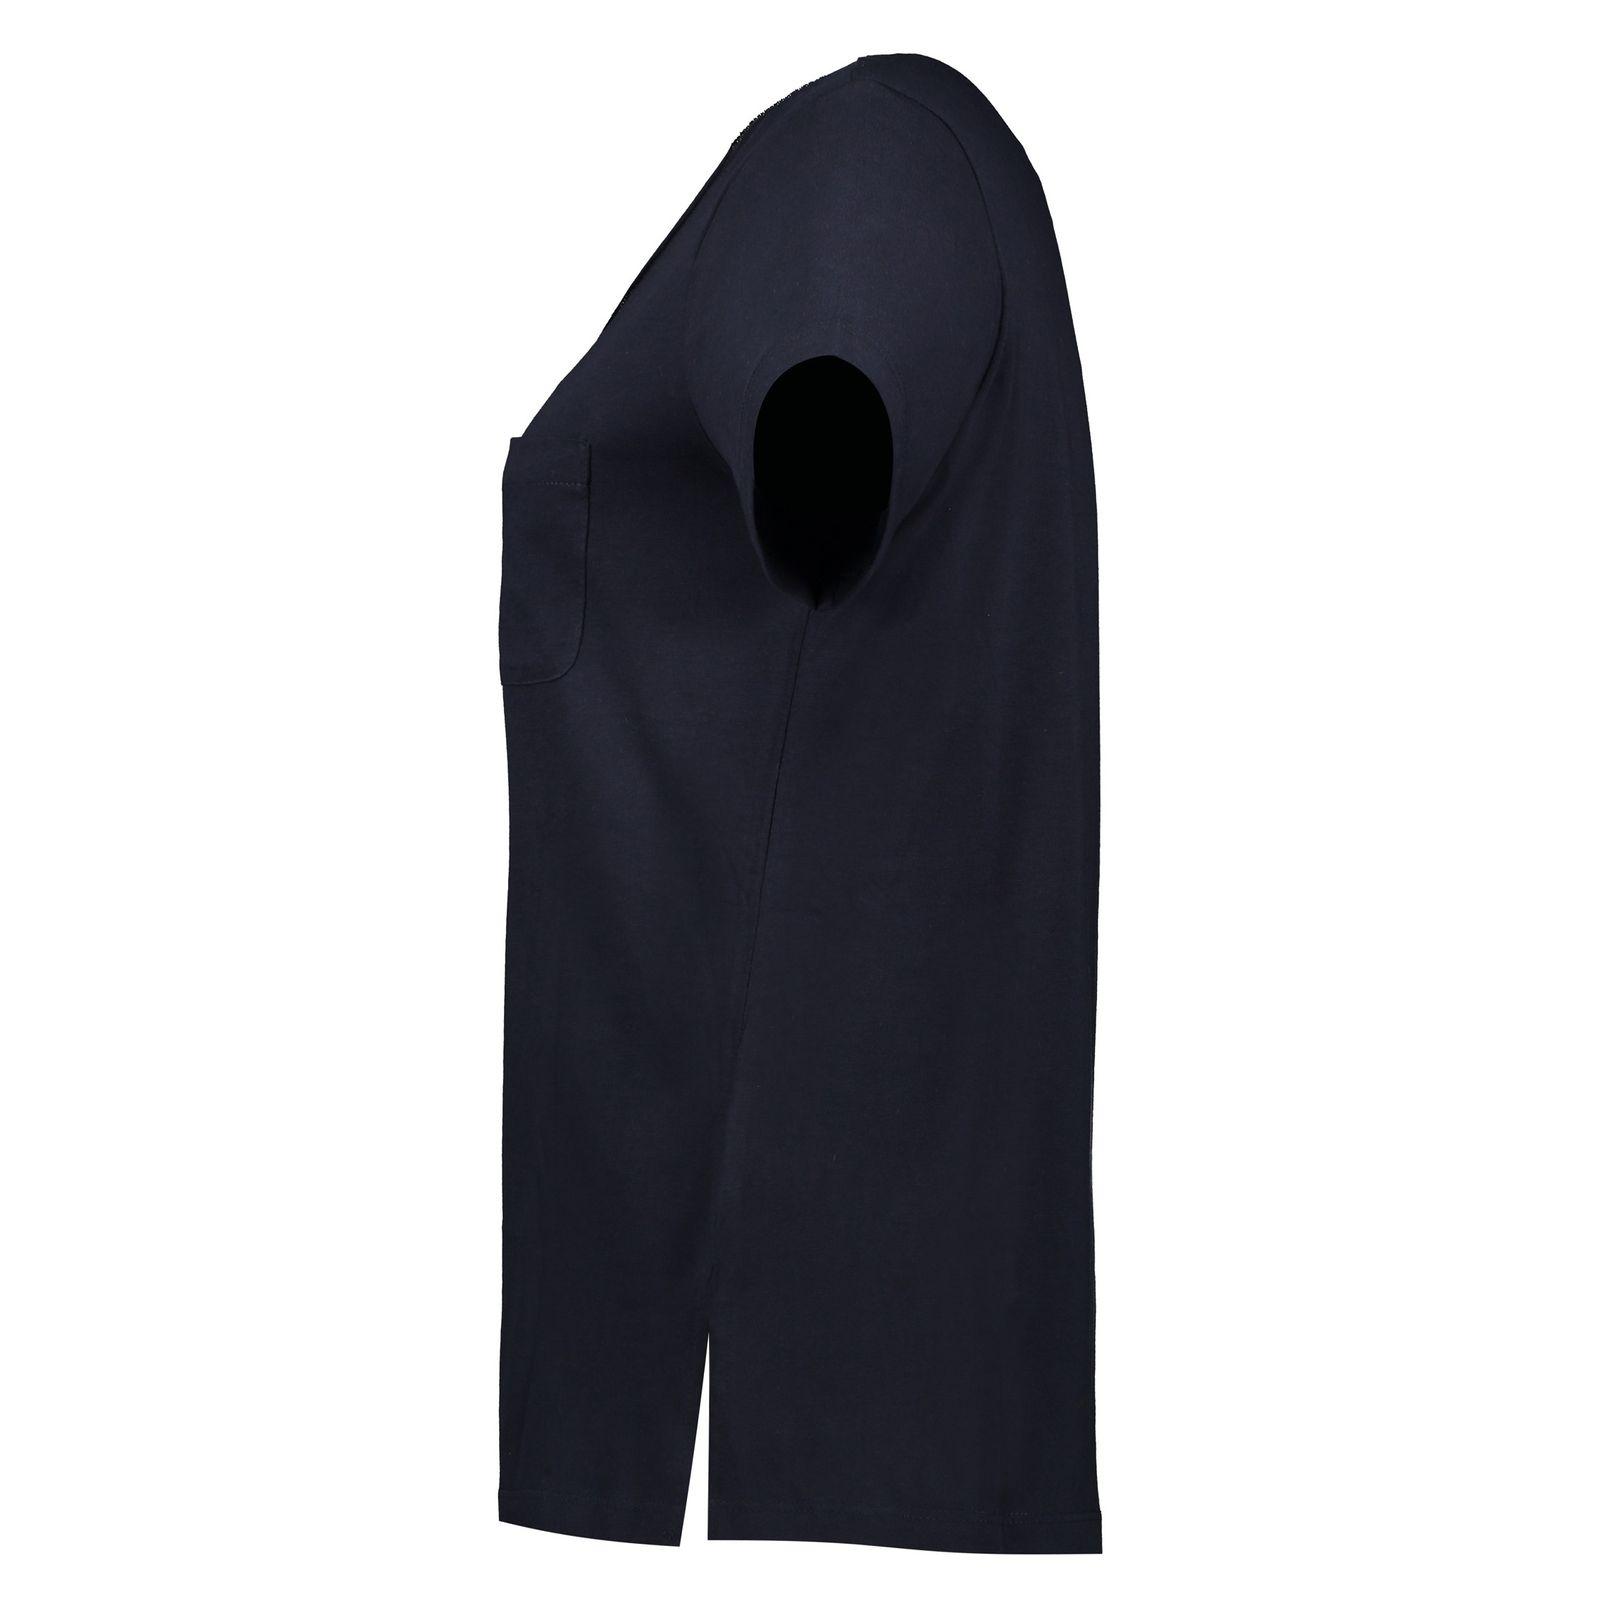 تی شرت زنانه یوپیم مدل 5137755 -  - 2